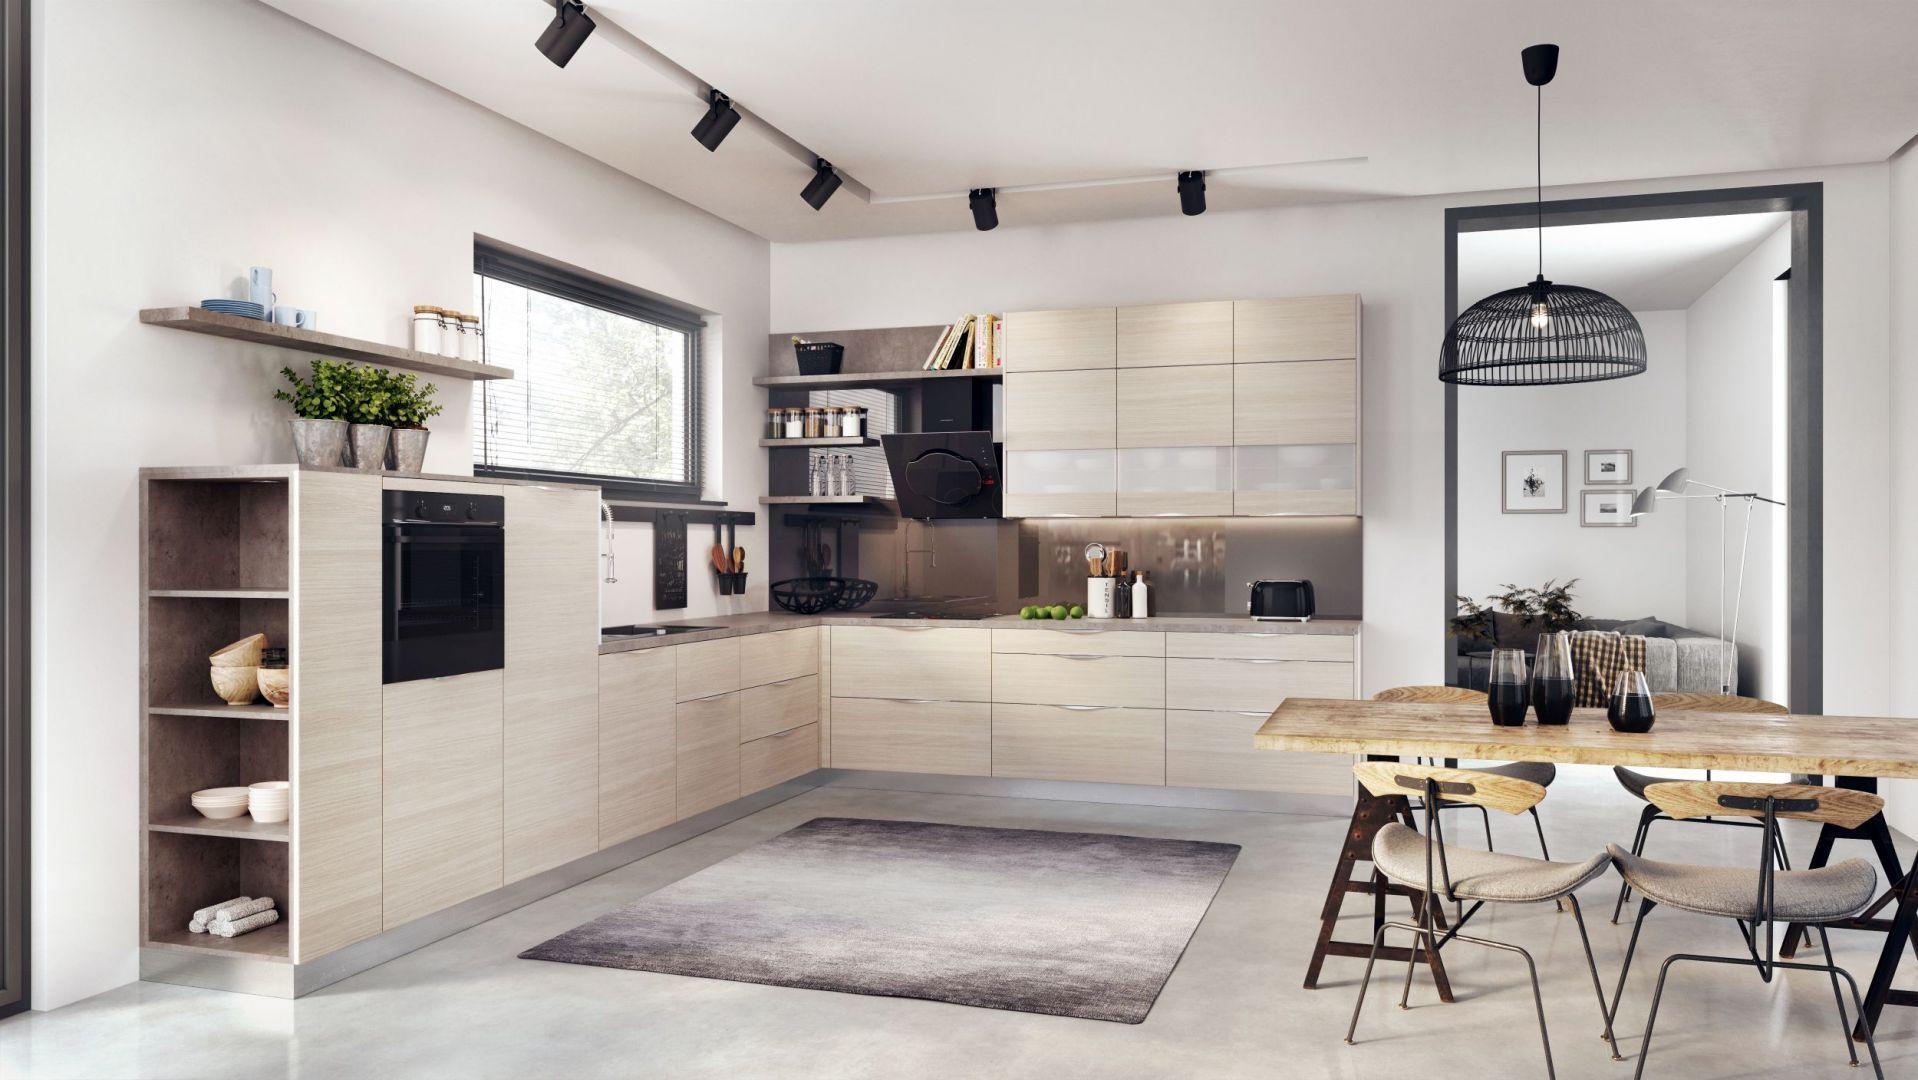 W trosce o zdrowie i trwałość zabudowy kuchennej warto zainteresować się również technologią klejenia obrzeży meblowych. Fot. KAM